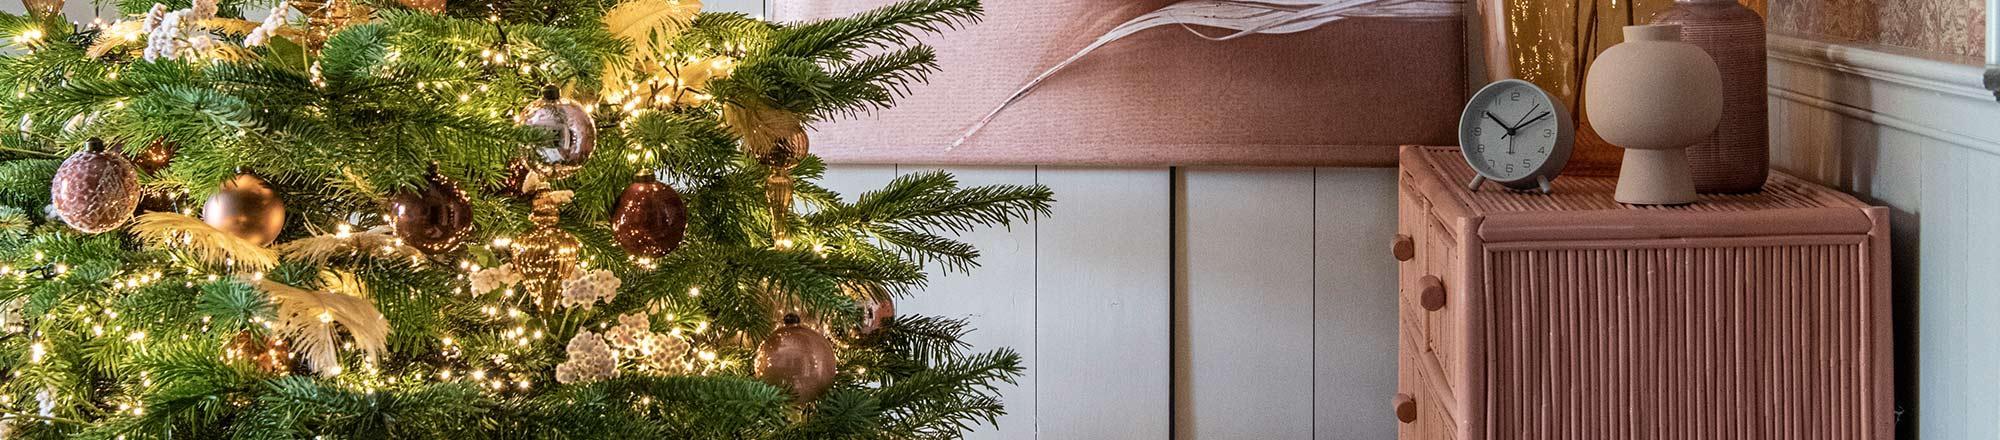 Duurzame kerstboom: welke is beter voor het milieu?